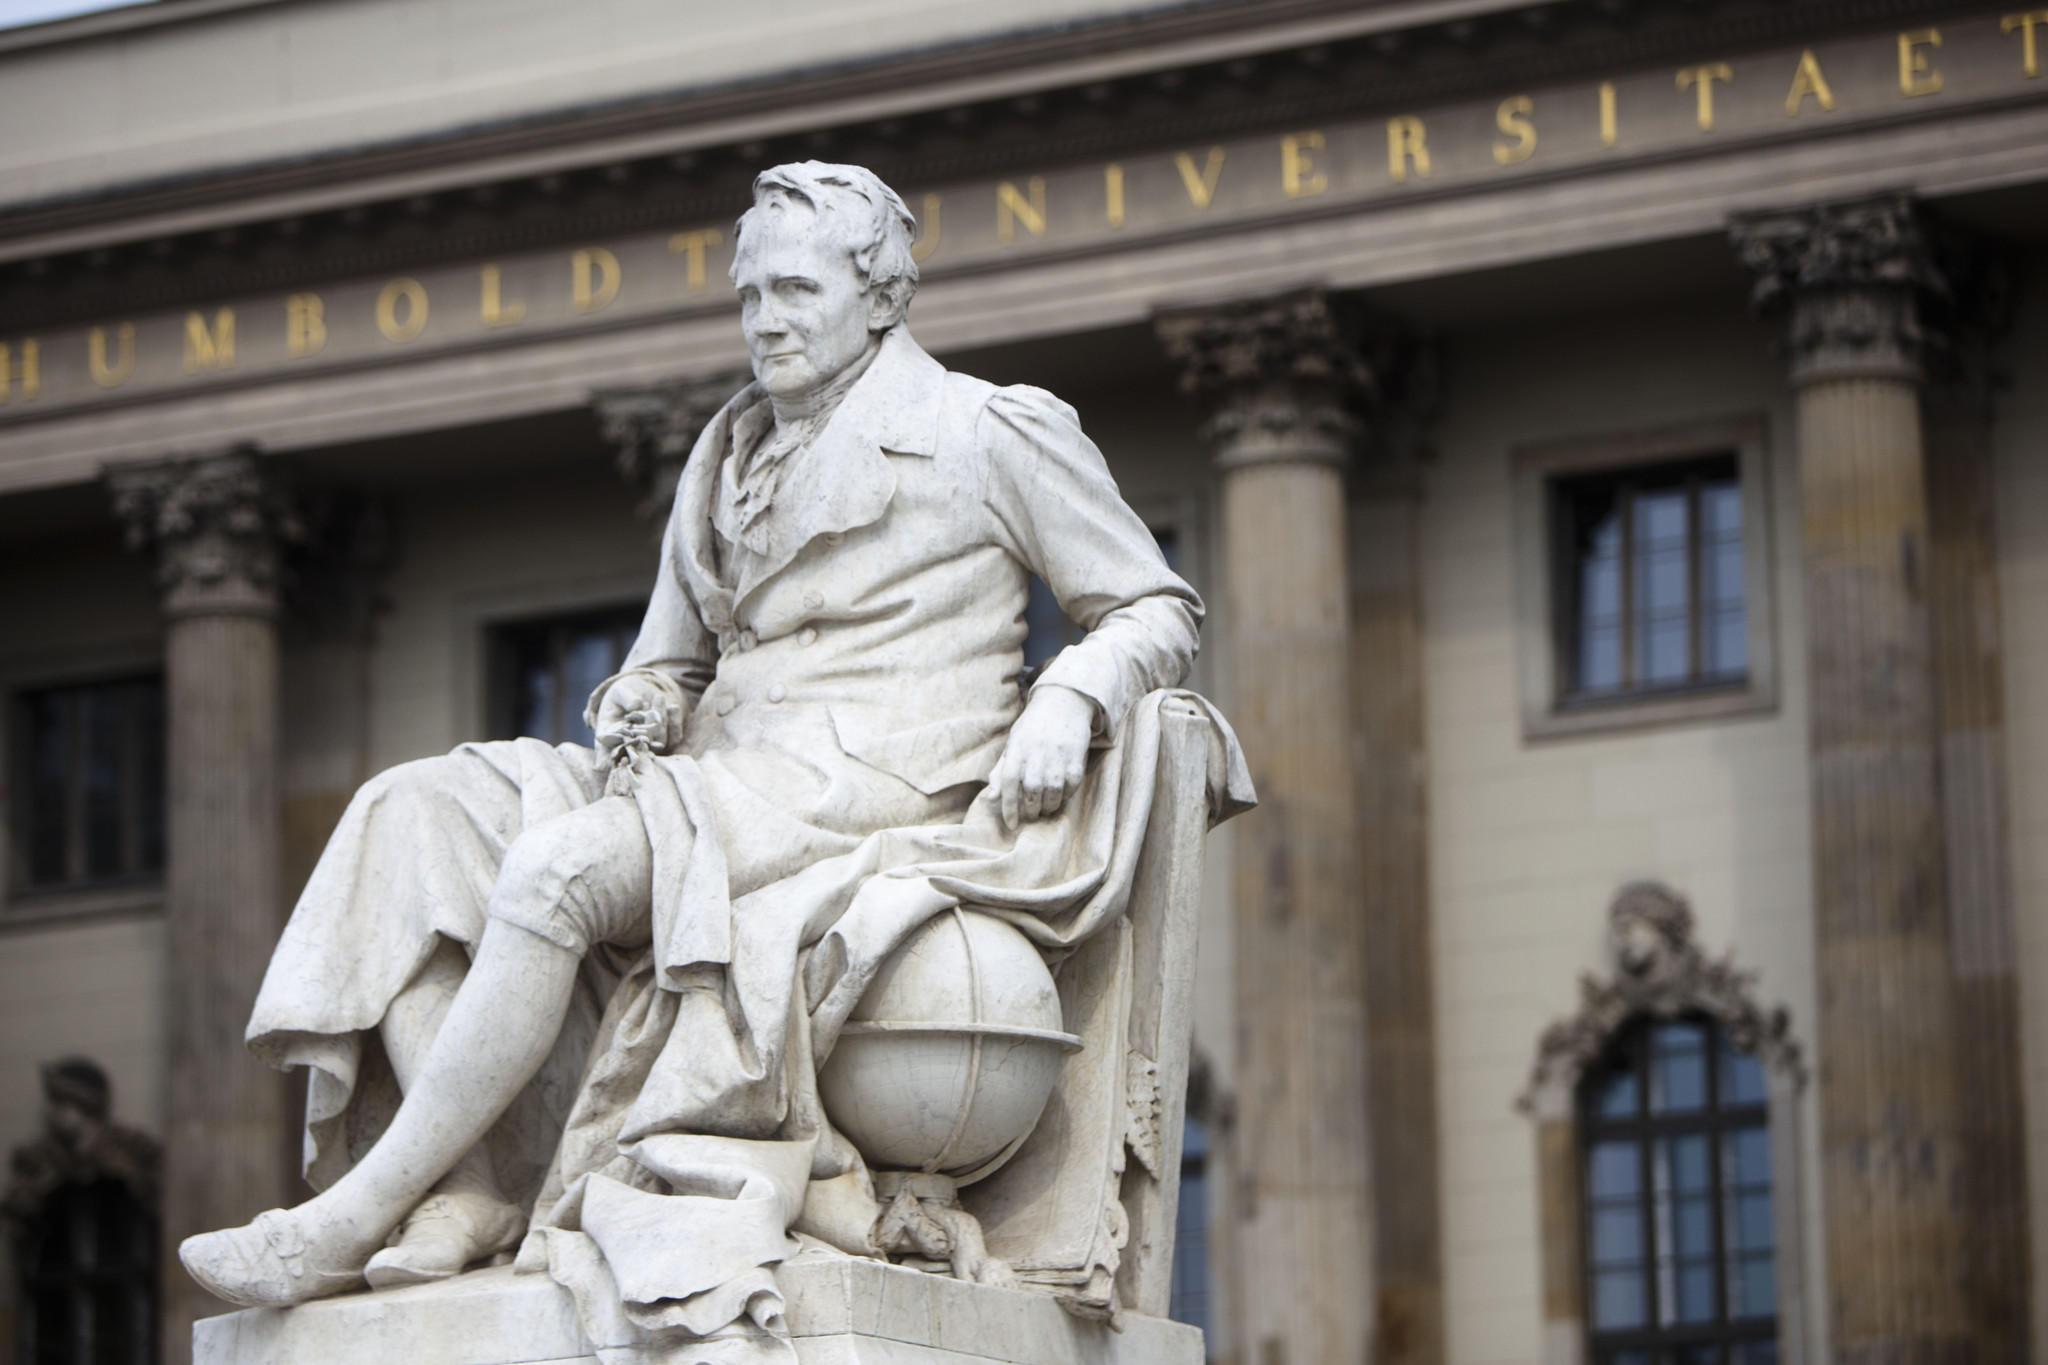 Statue of Alexander von Humboldt in central Berlin.